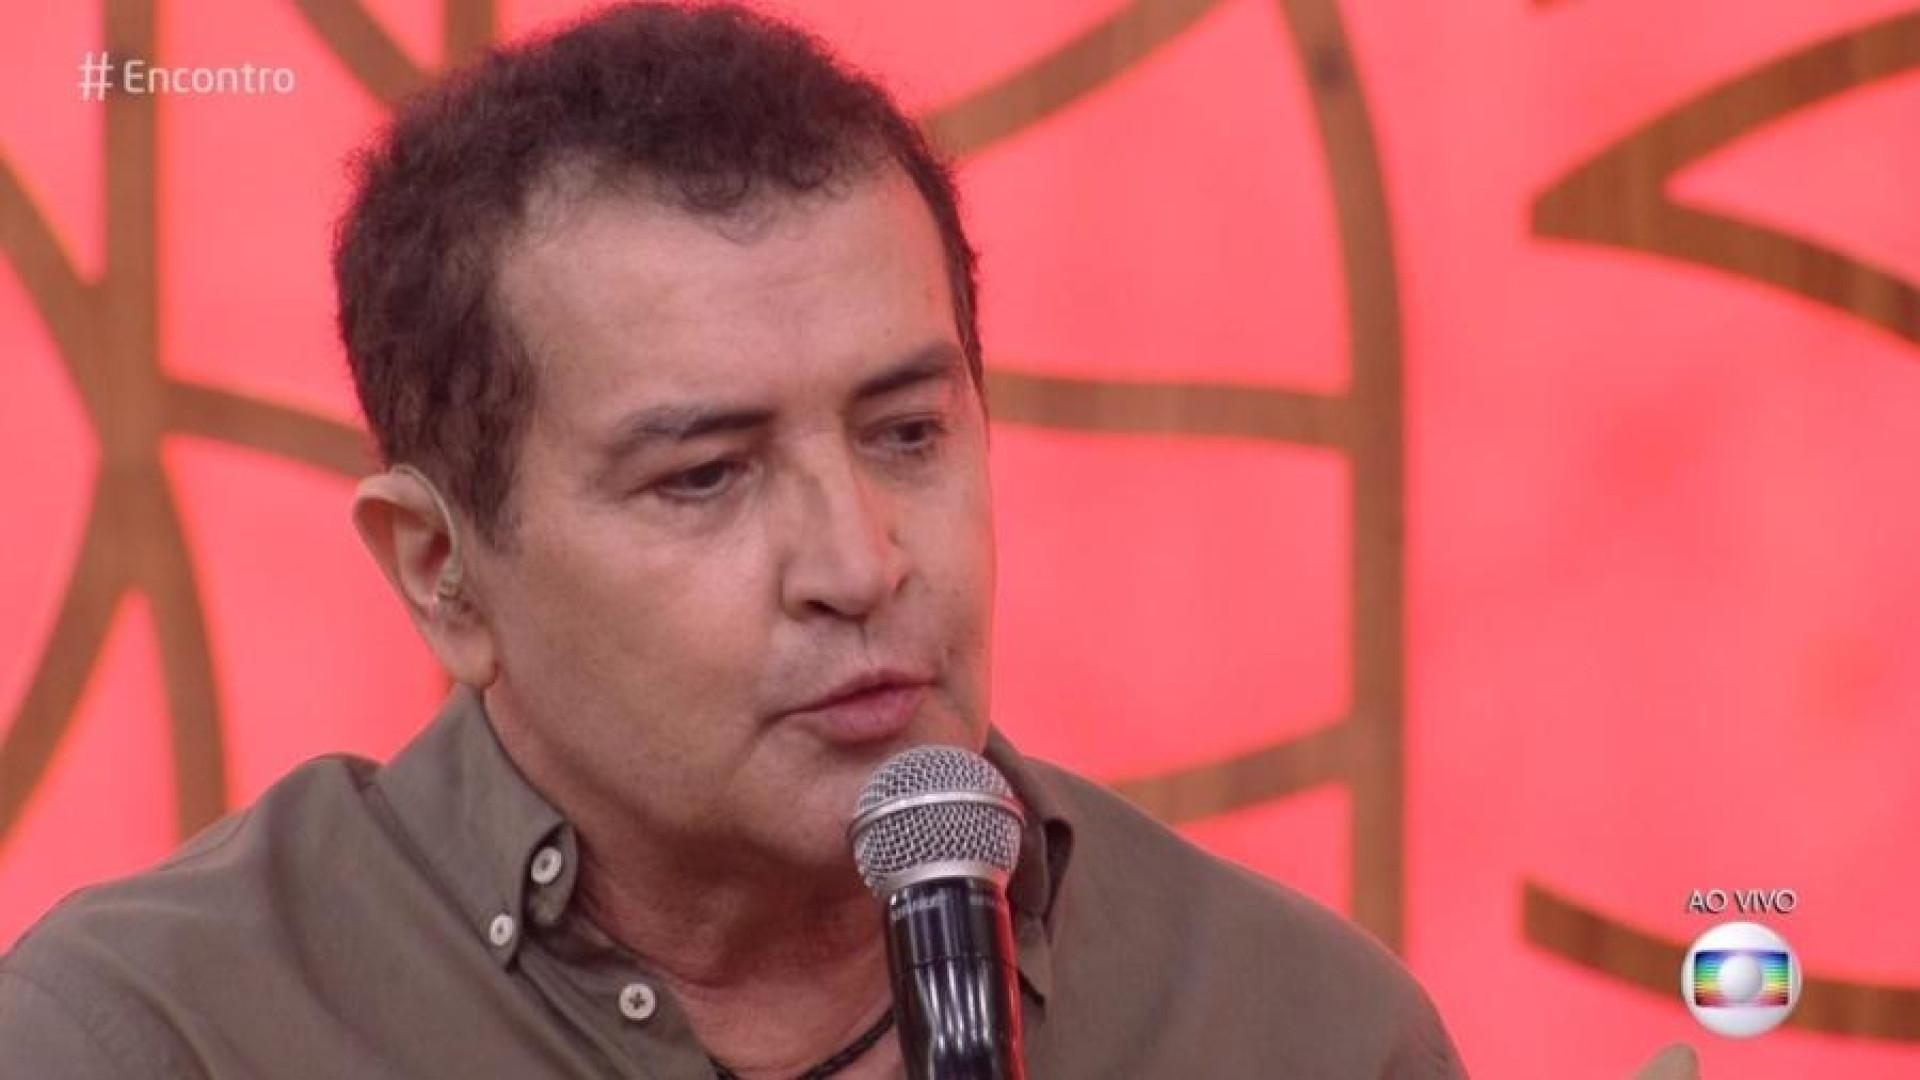 Beto Barbosa sobre luta contra câncer: 'Tinha 20% de chances de viver'